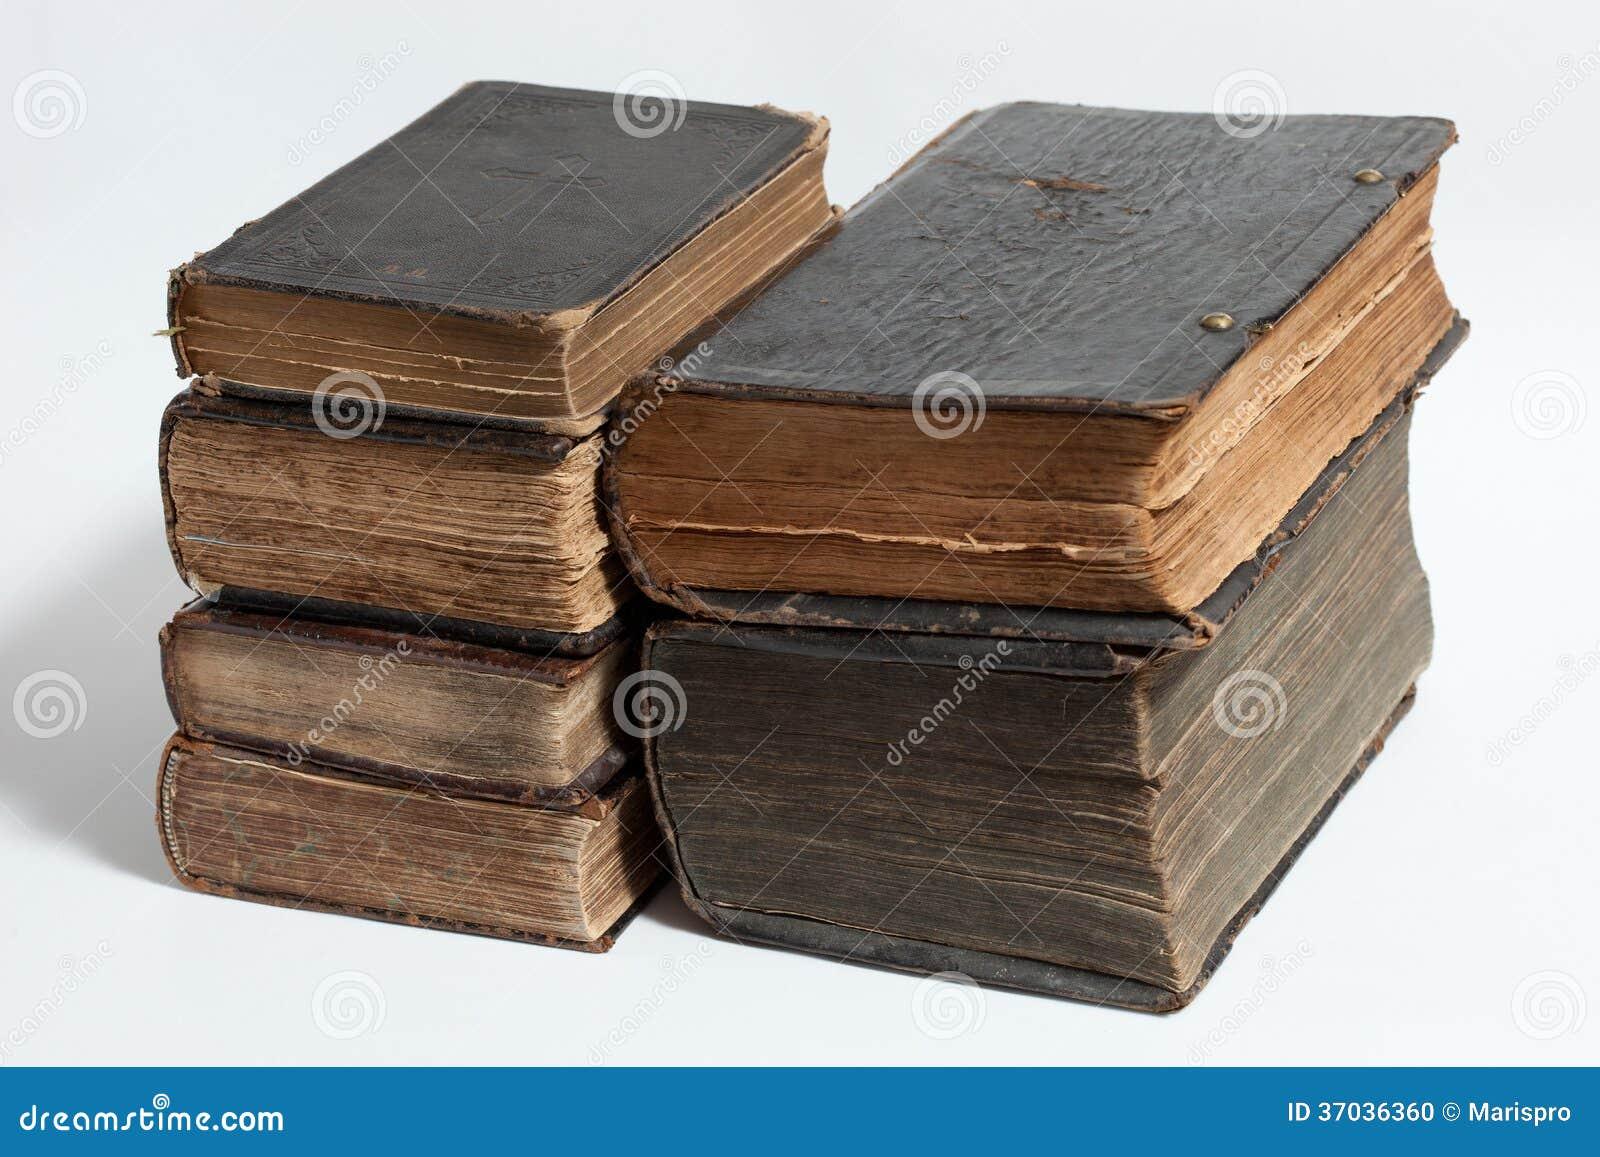 旧书圣经写电影脚本中世纪